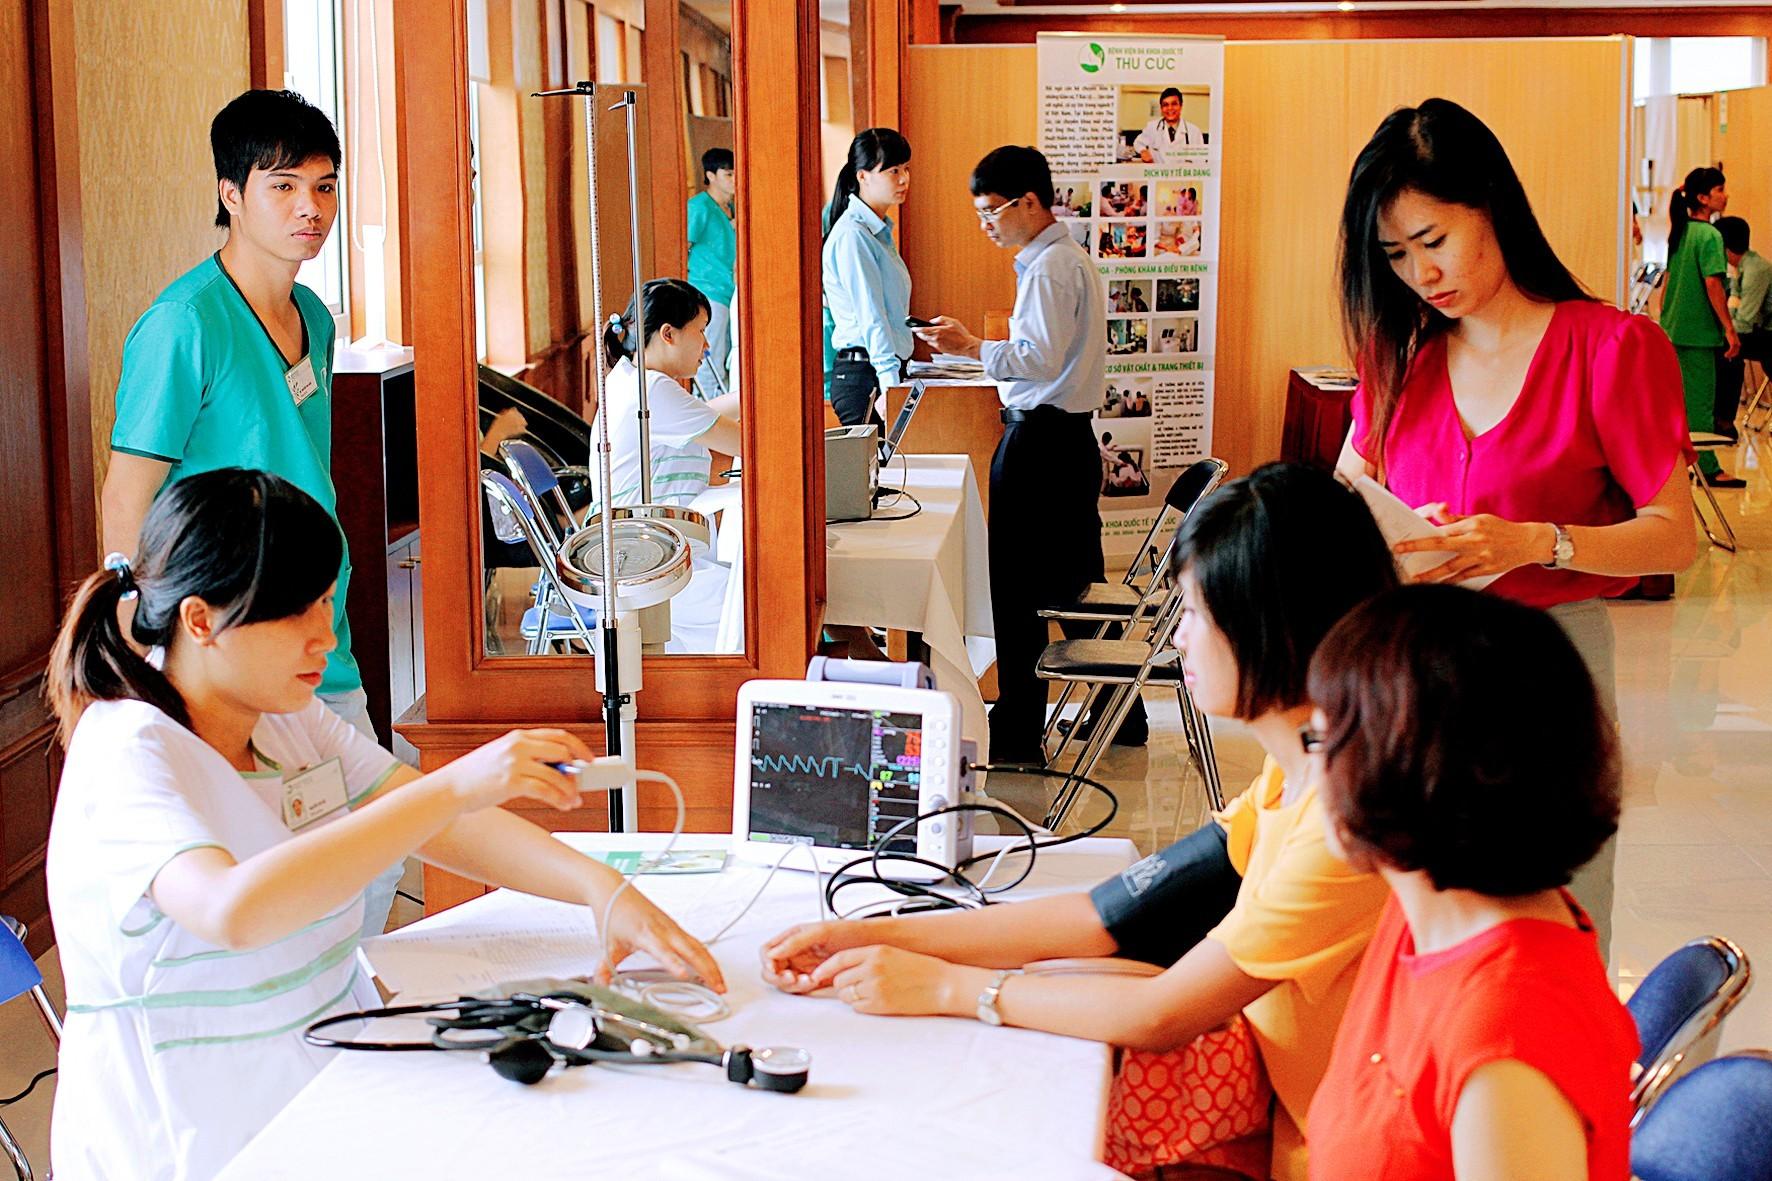 Khám sức khỏe định kỳ cho nhân viên khách sạn